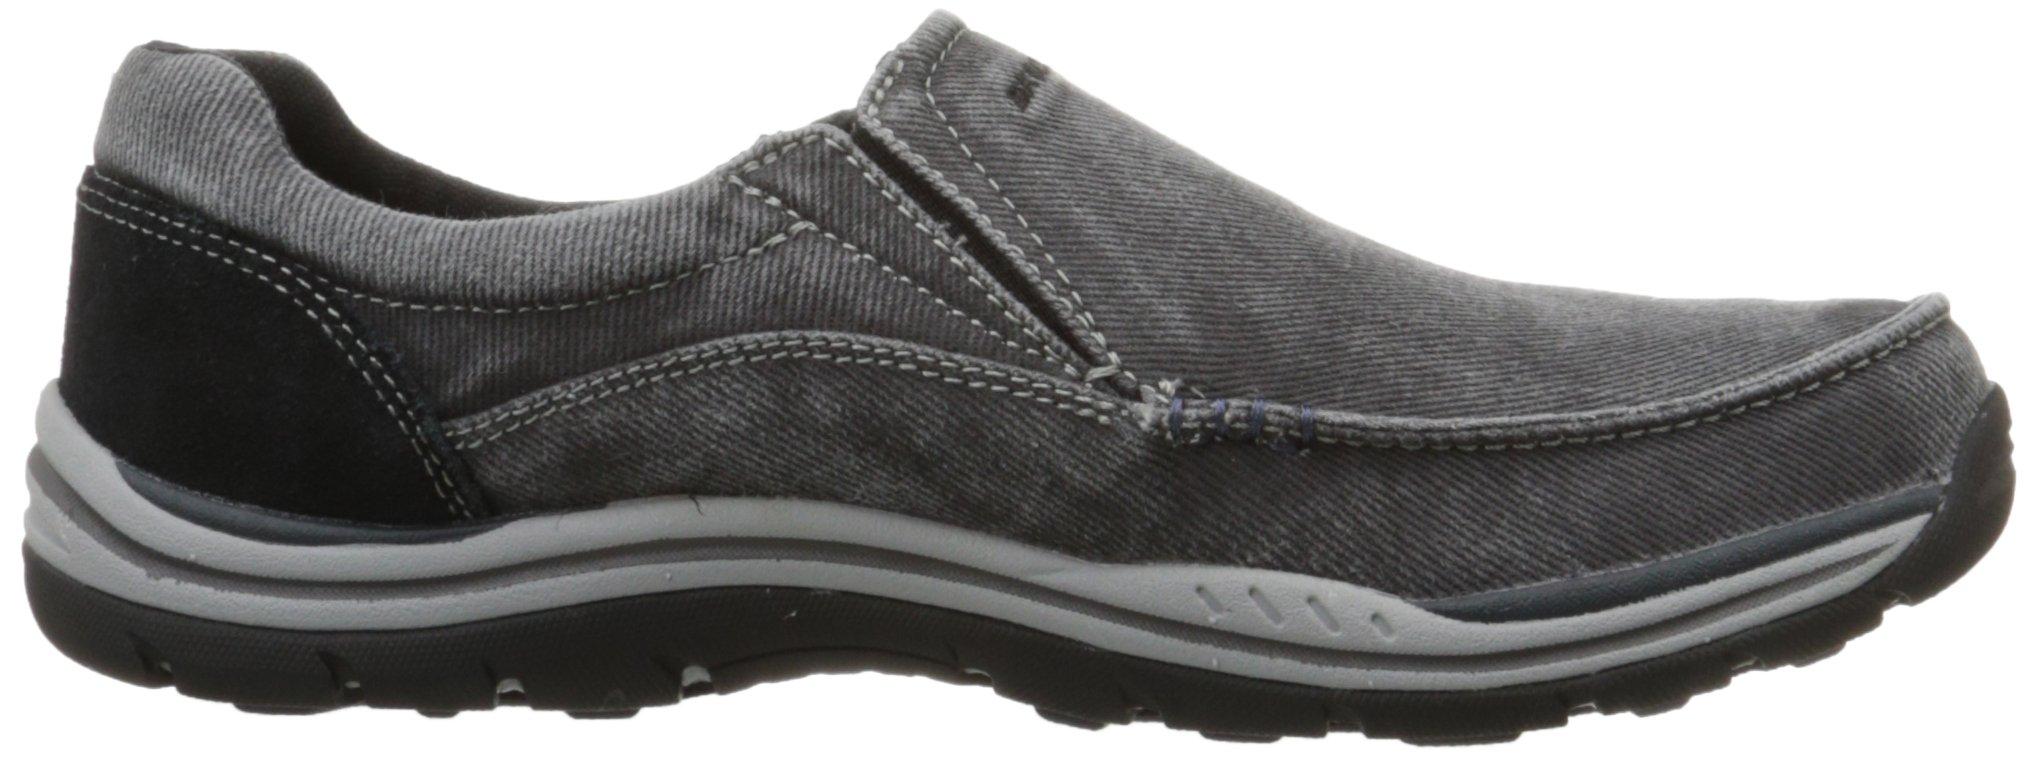 Skechers Men's Expected Avillo Relaxed-Fit Slip-On Loafer,Black,13 M US by Skechers (Image #7)